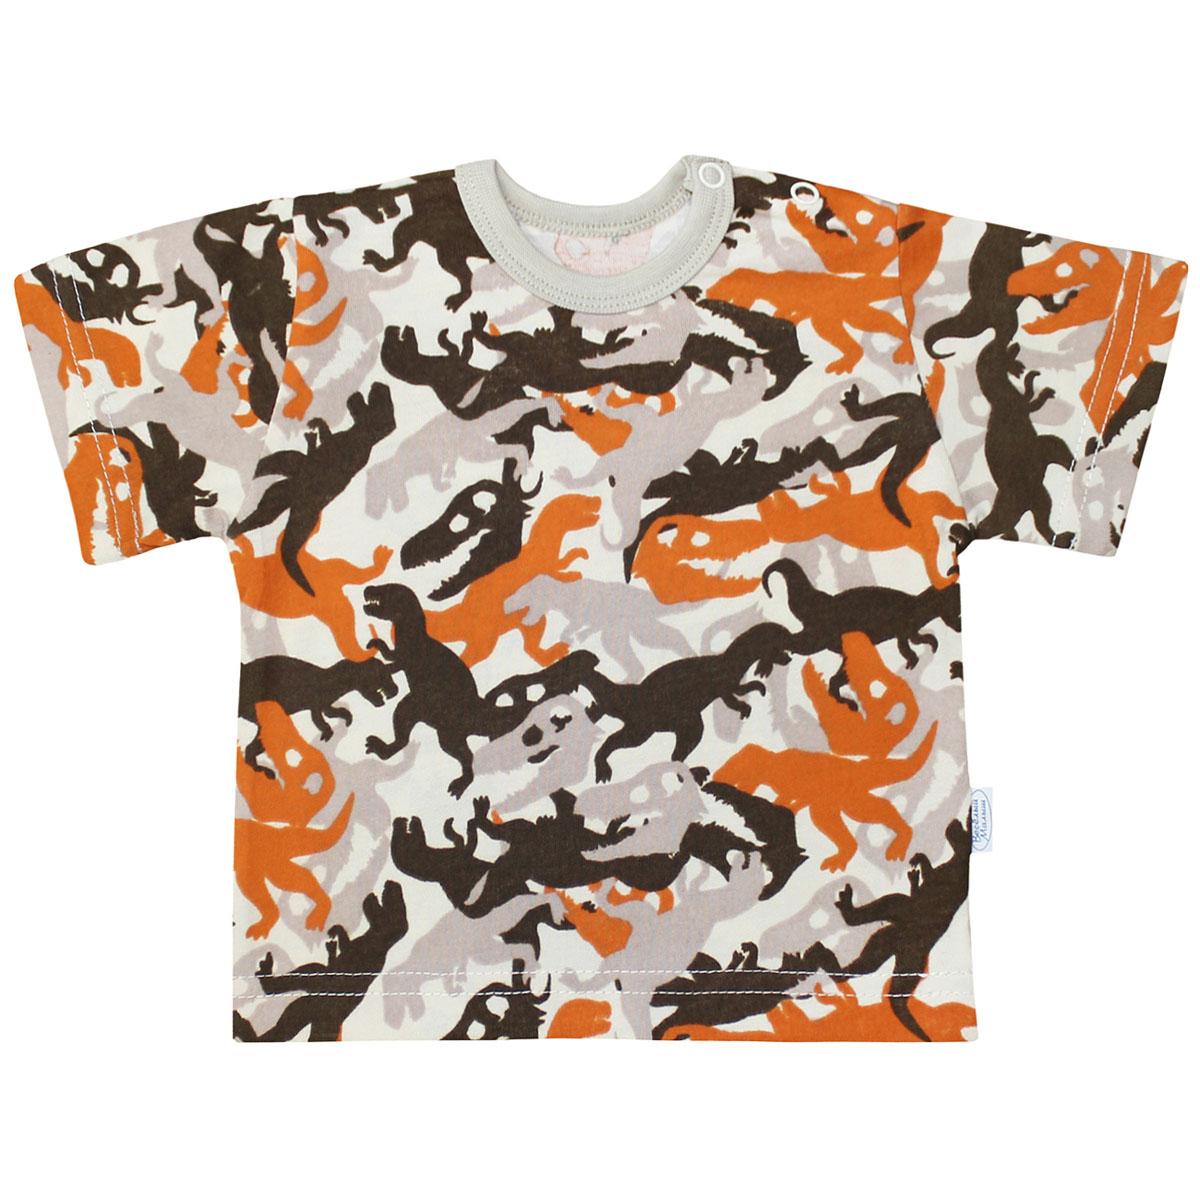 Футболка для мальчика Веселый малыш Динозавры, цвет: оранжевый. 67172/ди-оранж. Размер 7467172Футболка для мальчика Веселый малыш выполнена из качественного материала. Модель с круглым вырезом горловины и короткими рукавами.